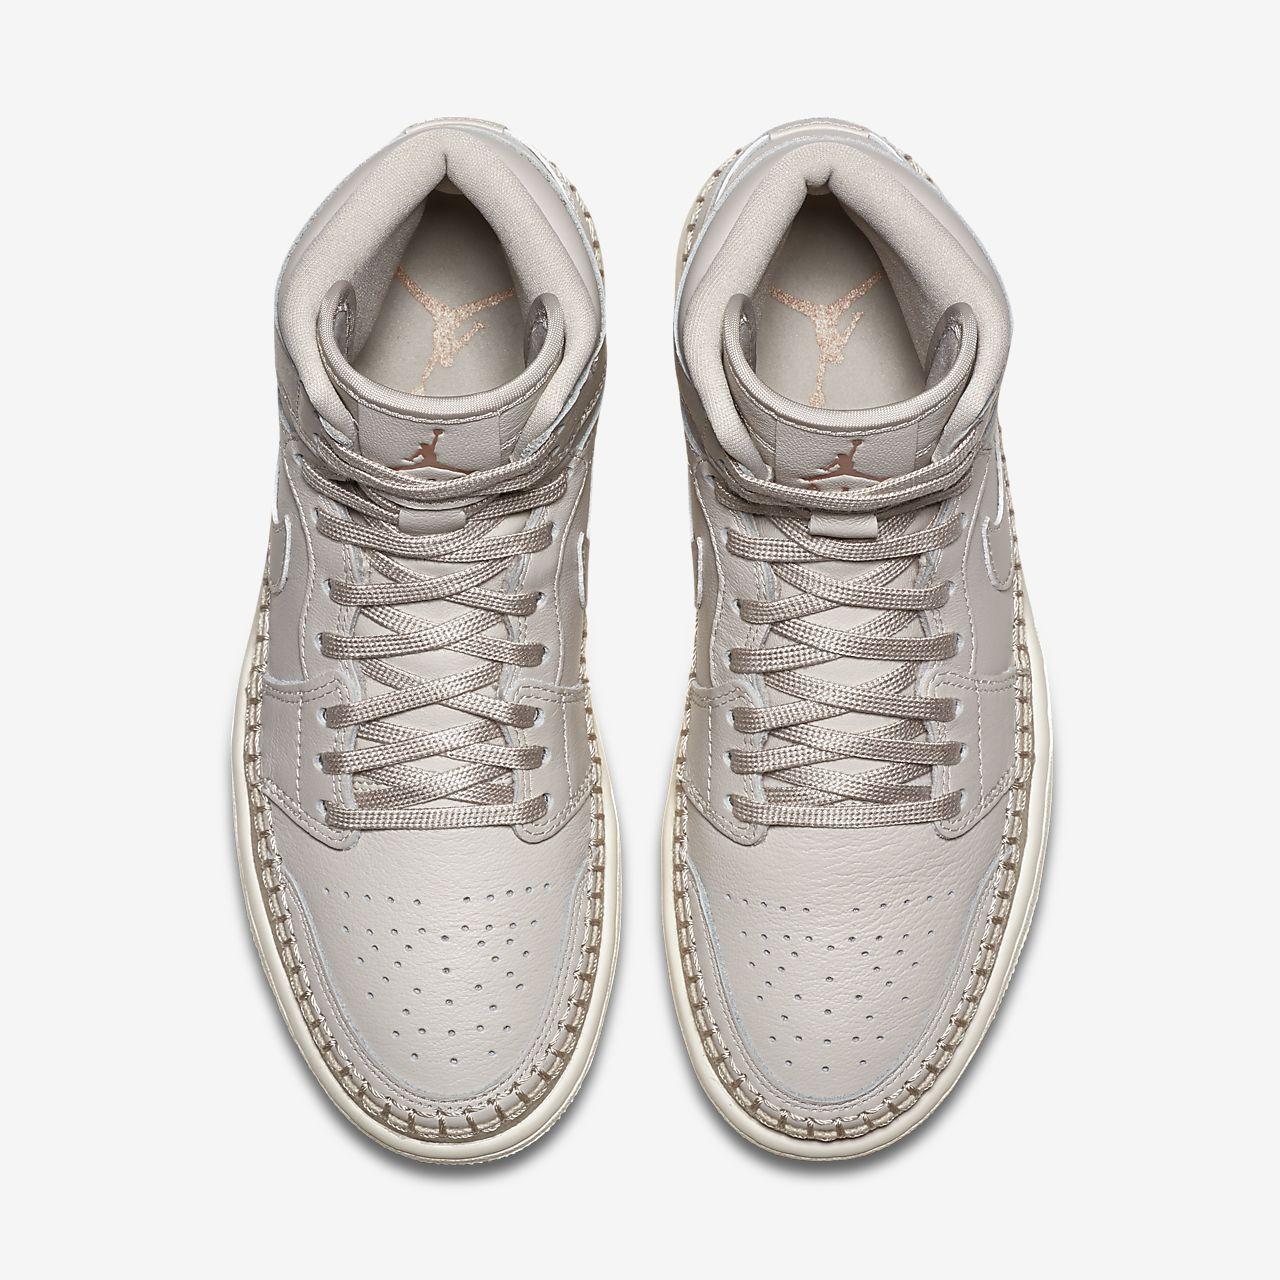 new style ed574 b8538 ... Chaussure Nike Air Jordan 1 Retro High Premium pour Femme